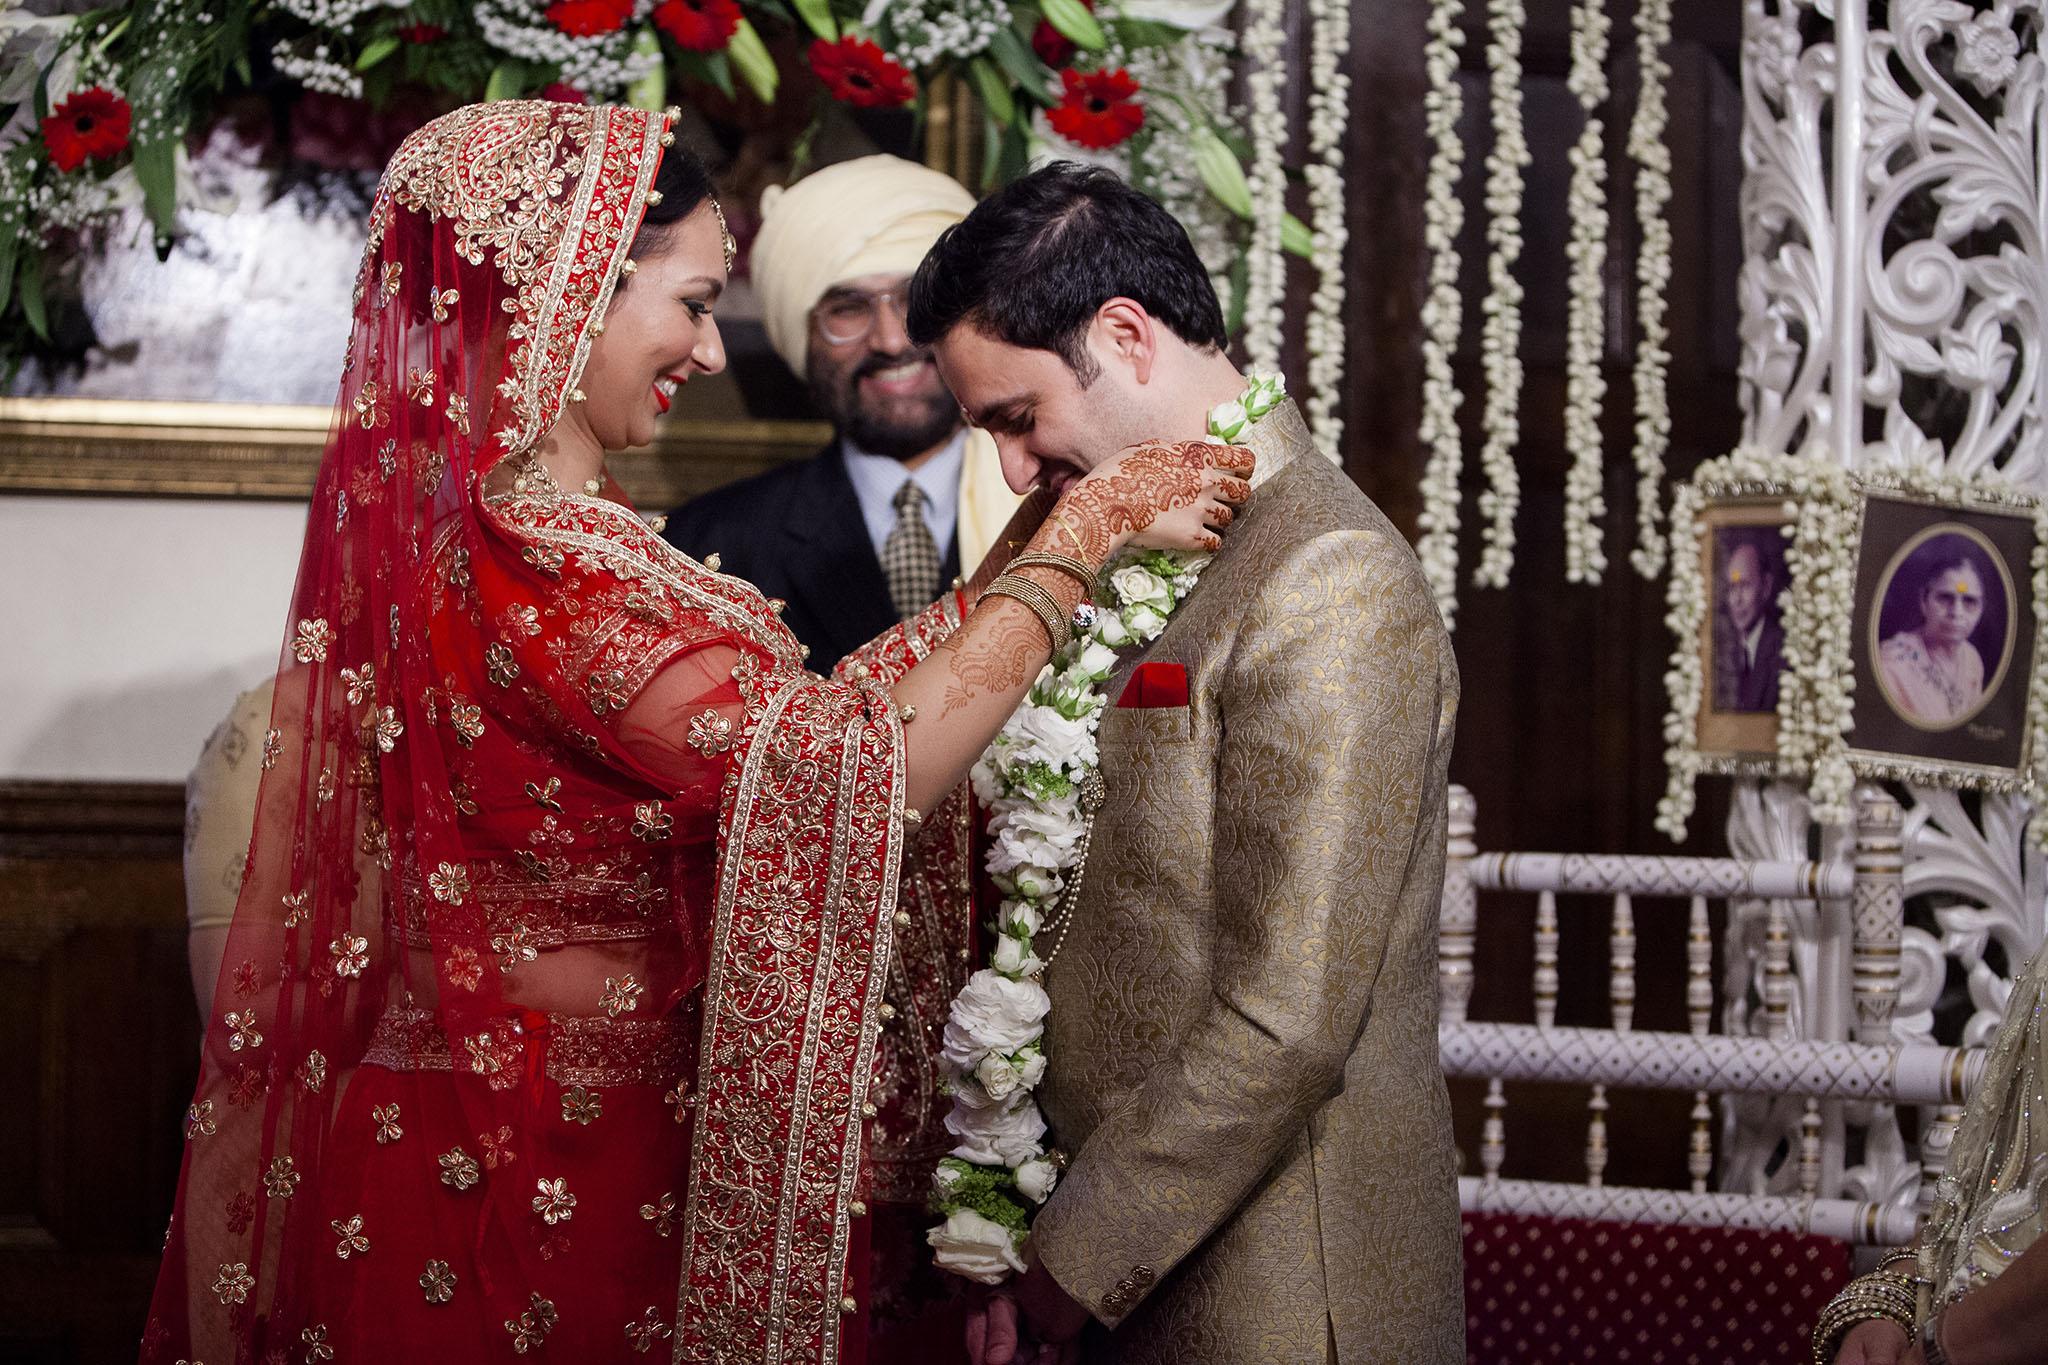 elizabethgphotography_kingslangley_hertfordshire_fineart_indian_wedding_photography_bhavesh_kundalata_bhaktivedanta_manor_watford_jpg41.jpg